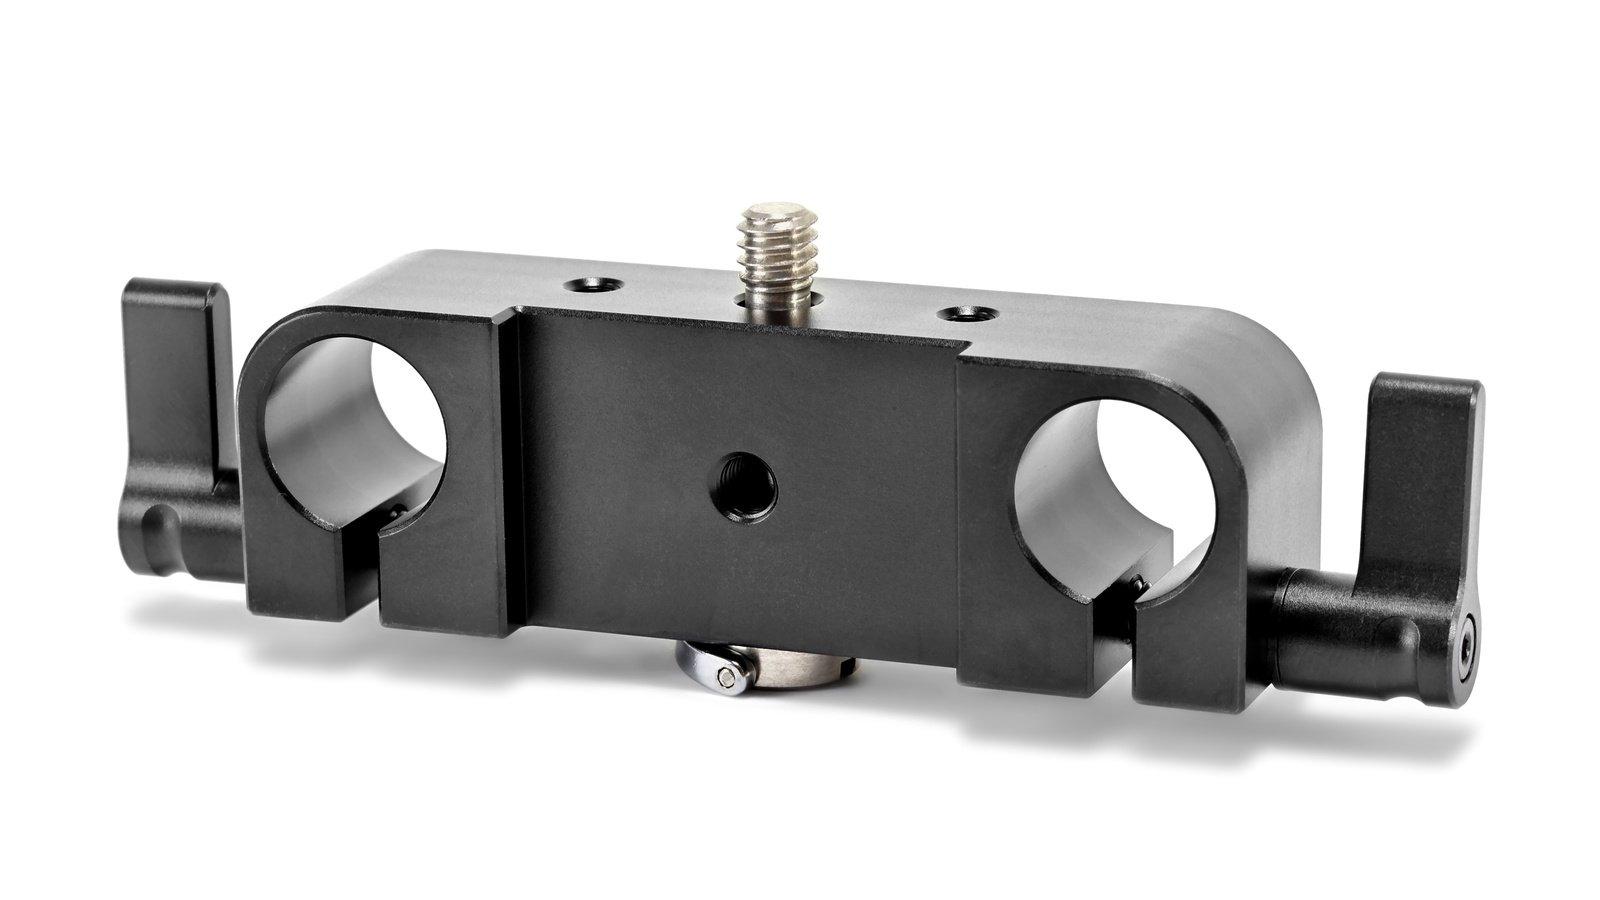 SmallRig 2-fach Verbinder für 15mm Rods mit 1/4 Zoll Schraube (1806).